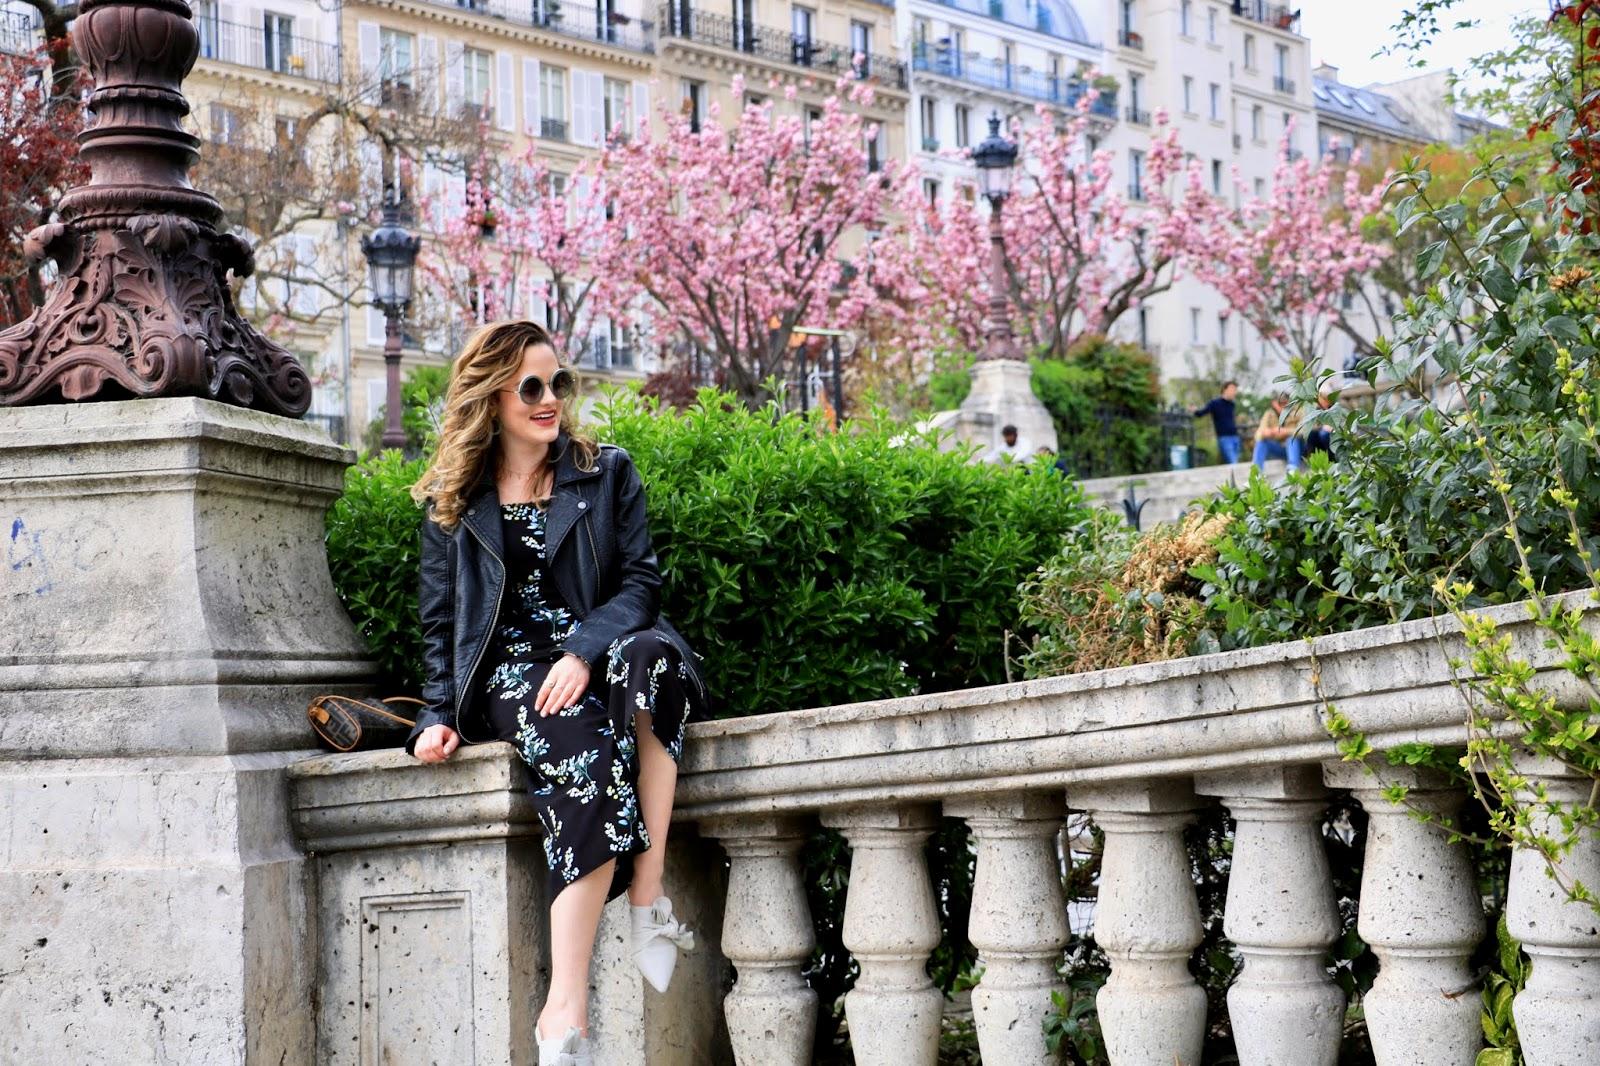 Paris cherry blossoms in april 2019